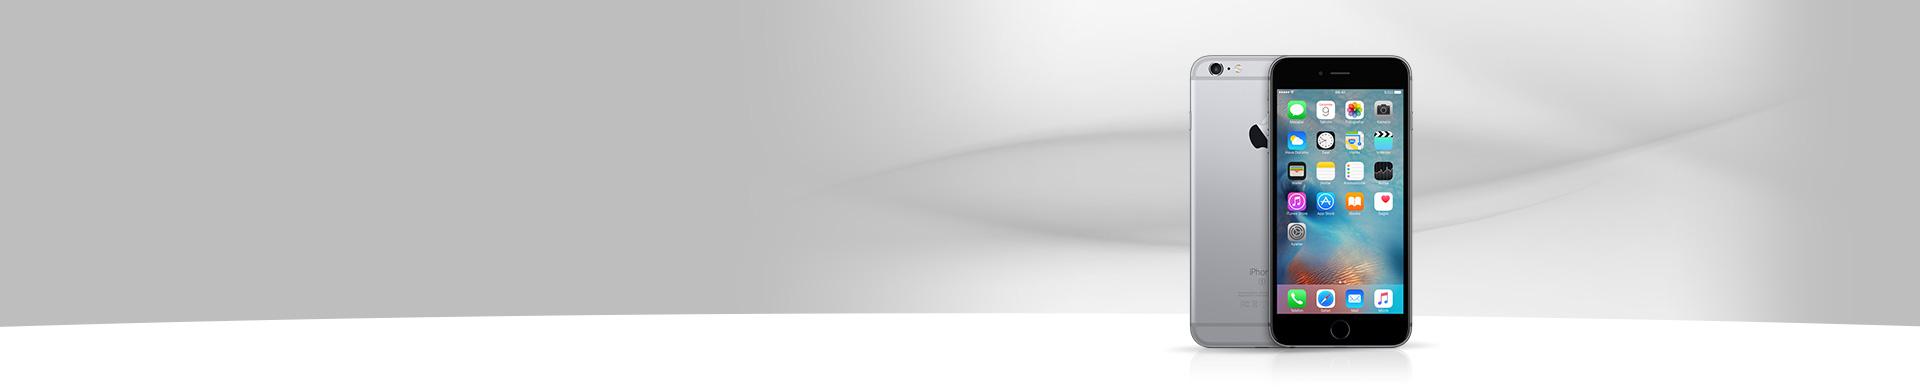 iPhone 6S Plus Hediye 24 ay taahhüt sözü veren fiber müşterilerimiz için özel!